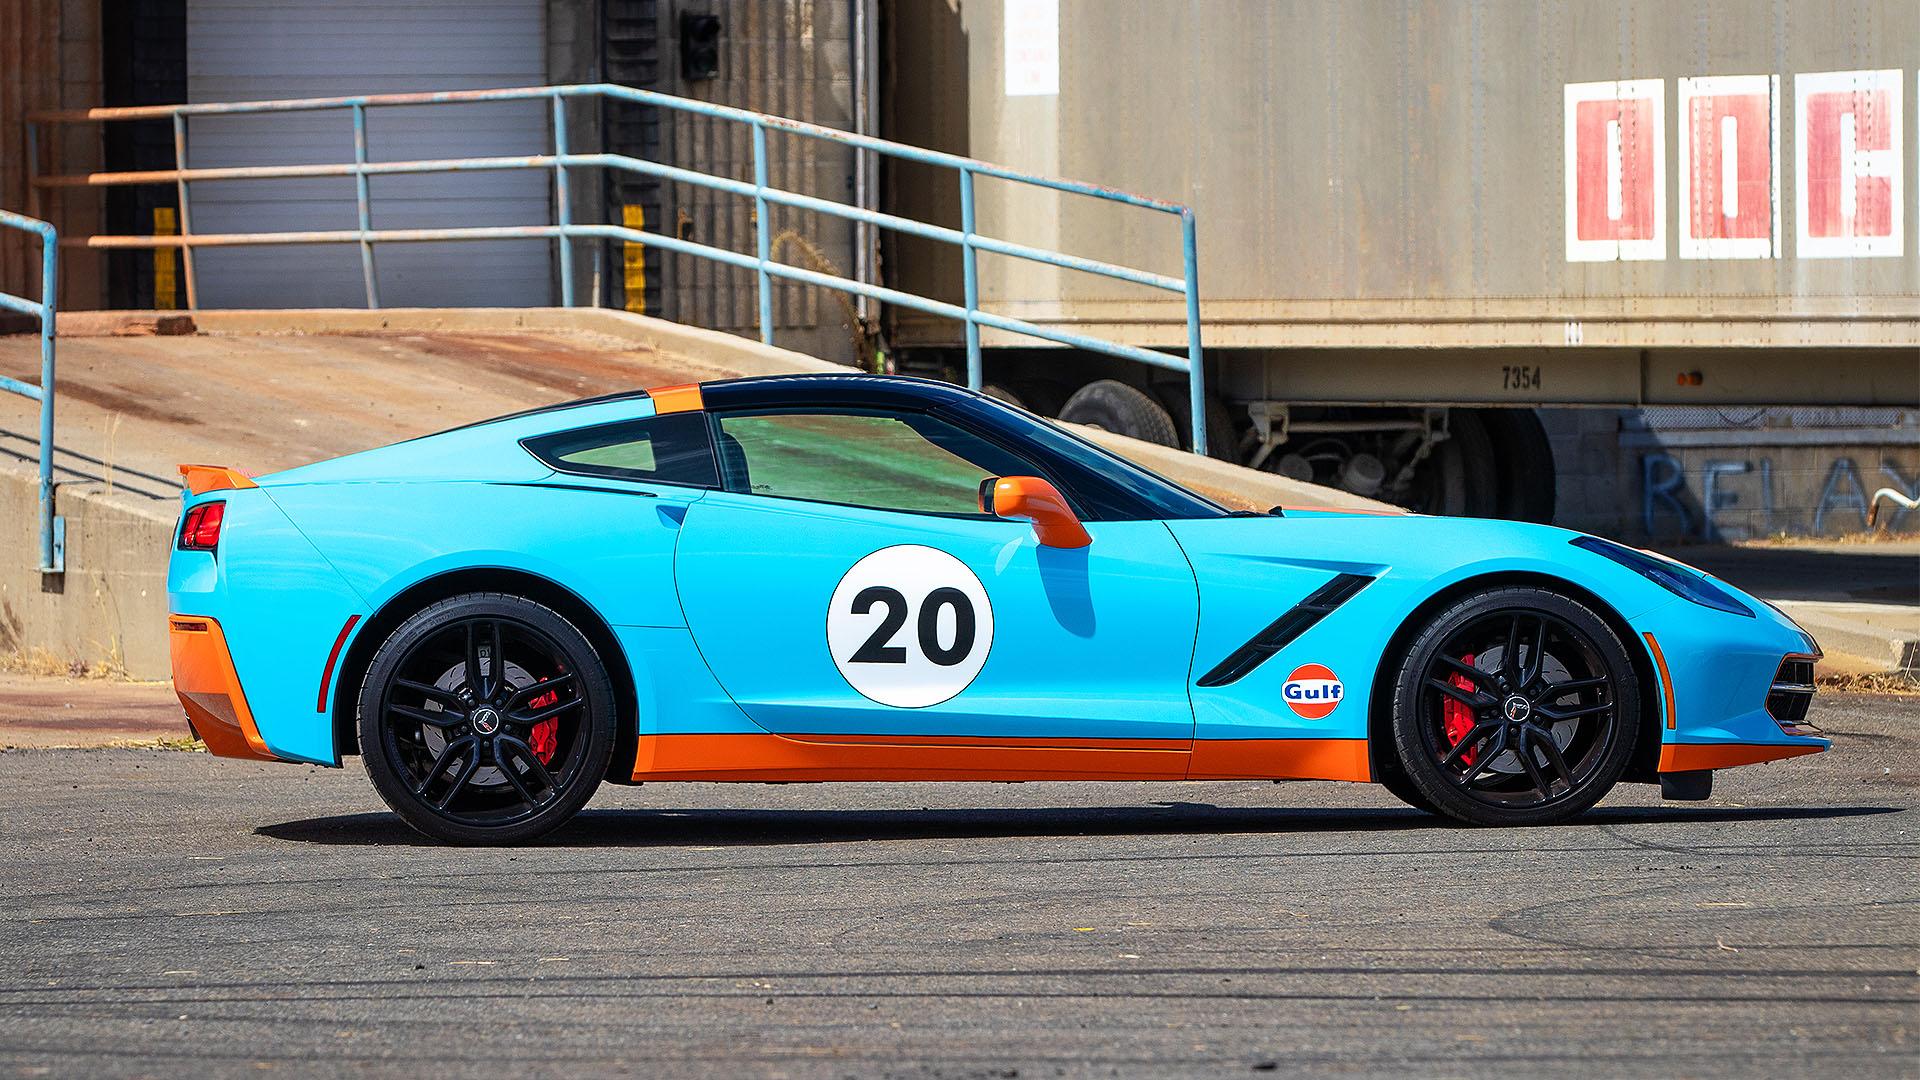 2014 Corvette Gulf Livery Edition Wrap - Paint Wraps ...